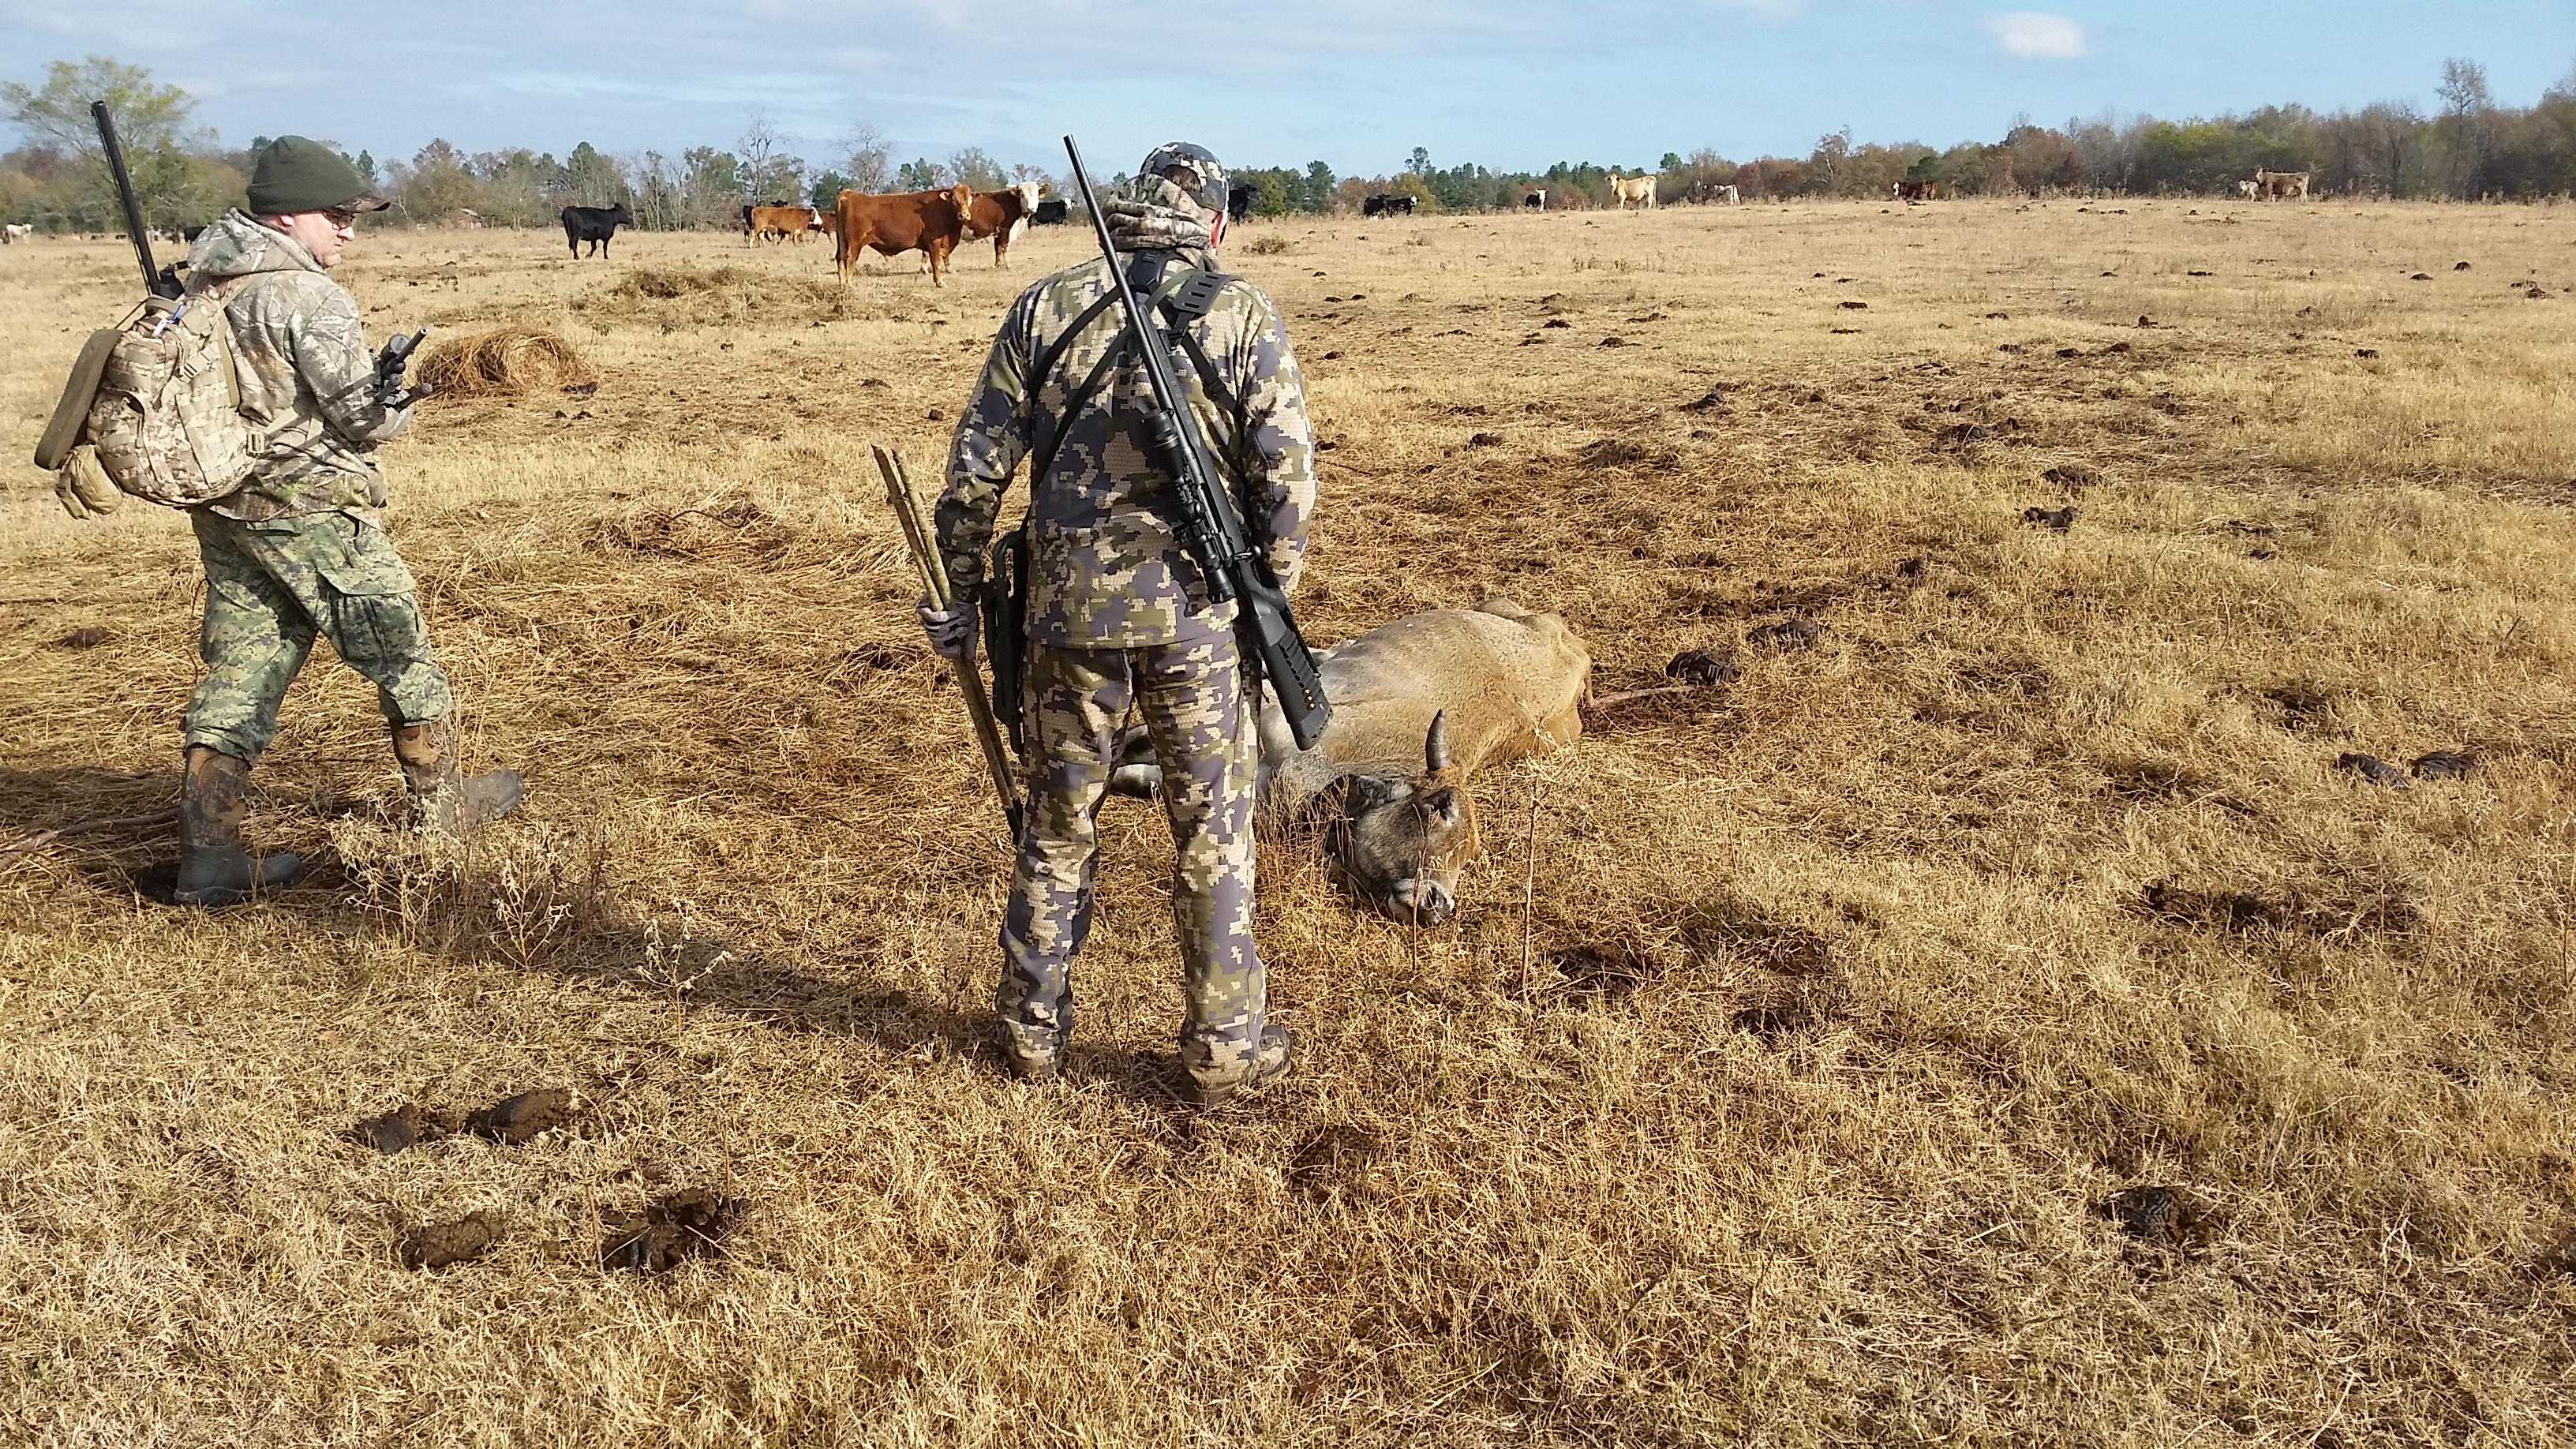 hier-begutachten-jeff-und-pauls-jagdfreund-ein-totes-rind-es-wurde-waerend-der-geburt-von-kojoten-getoetet-jagd-jagen-jaeger-jaegermagazin-wilddiebe-lockjagd-mit-jeff-johnson